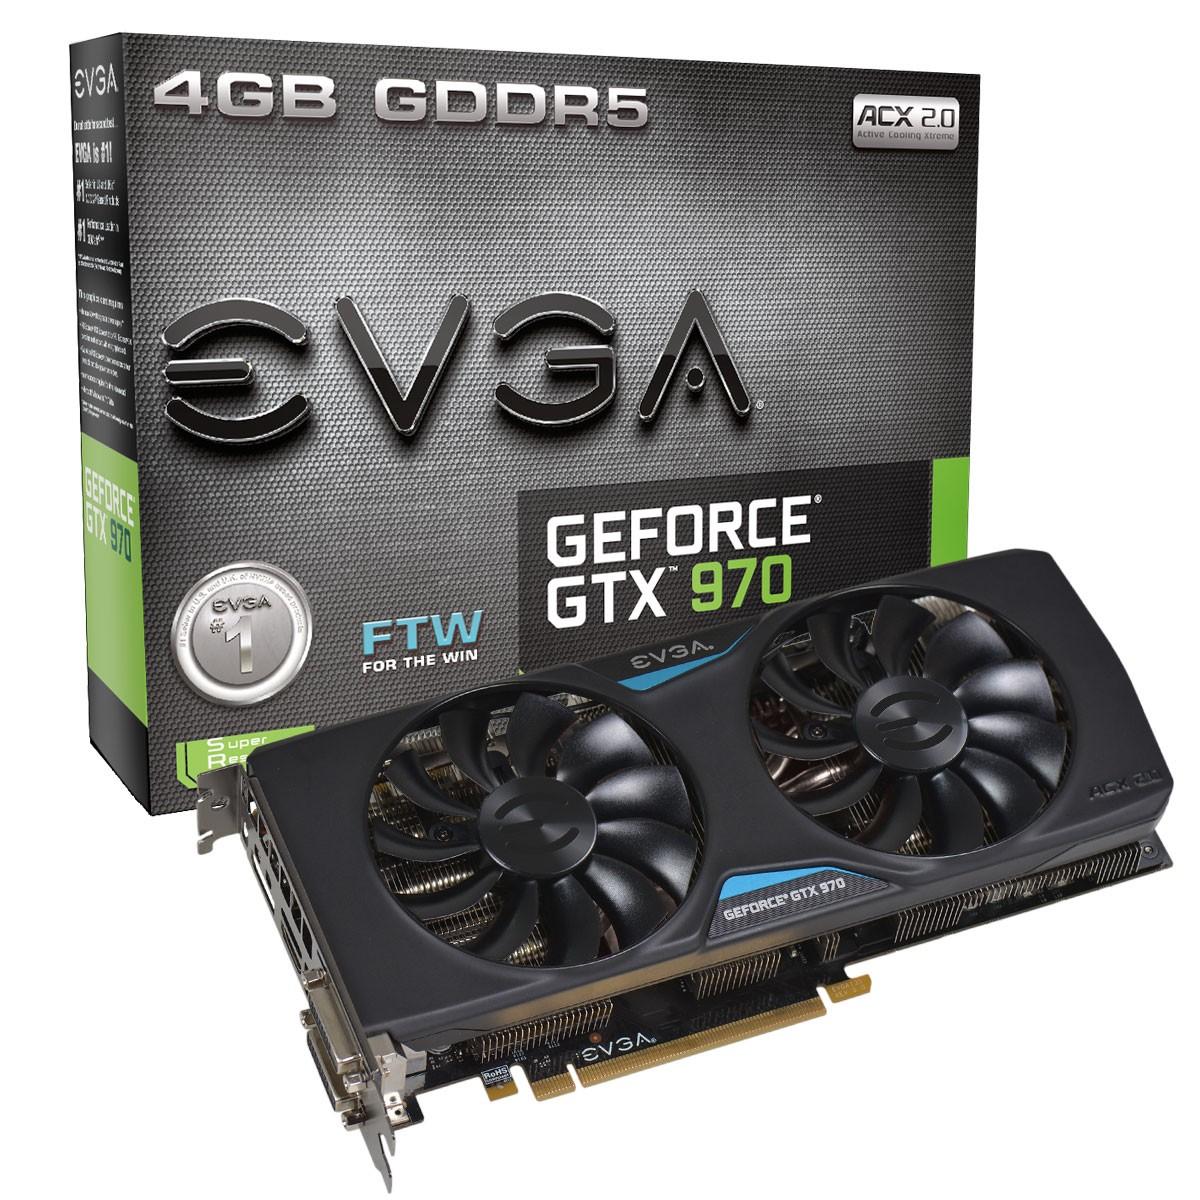 EVGA GTX 970 FTW ACX 2.0